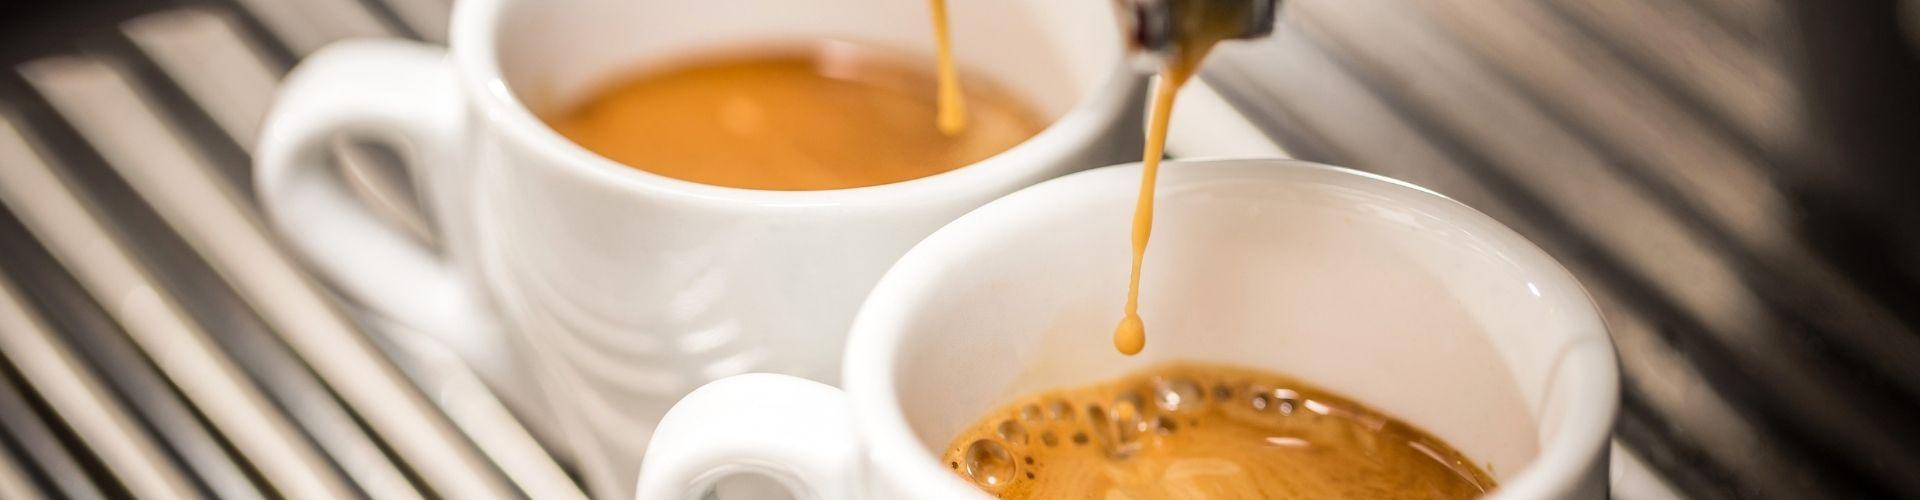 best espresso under $200 header